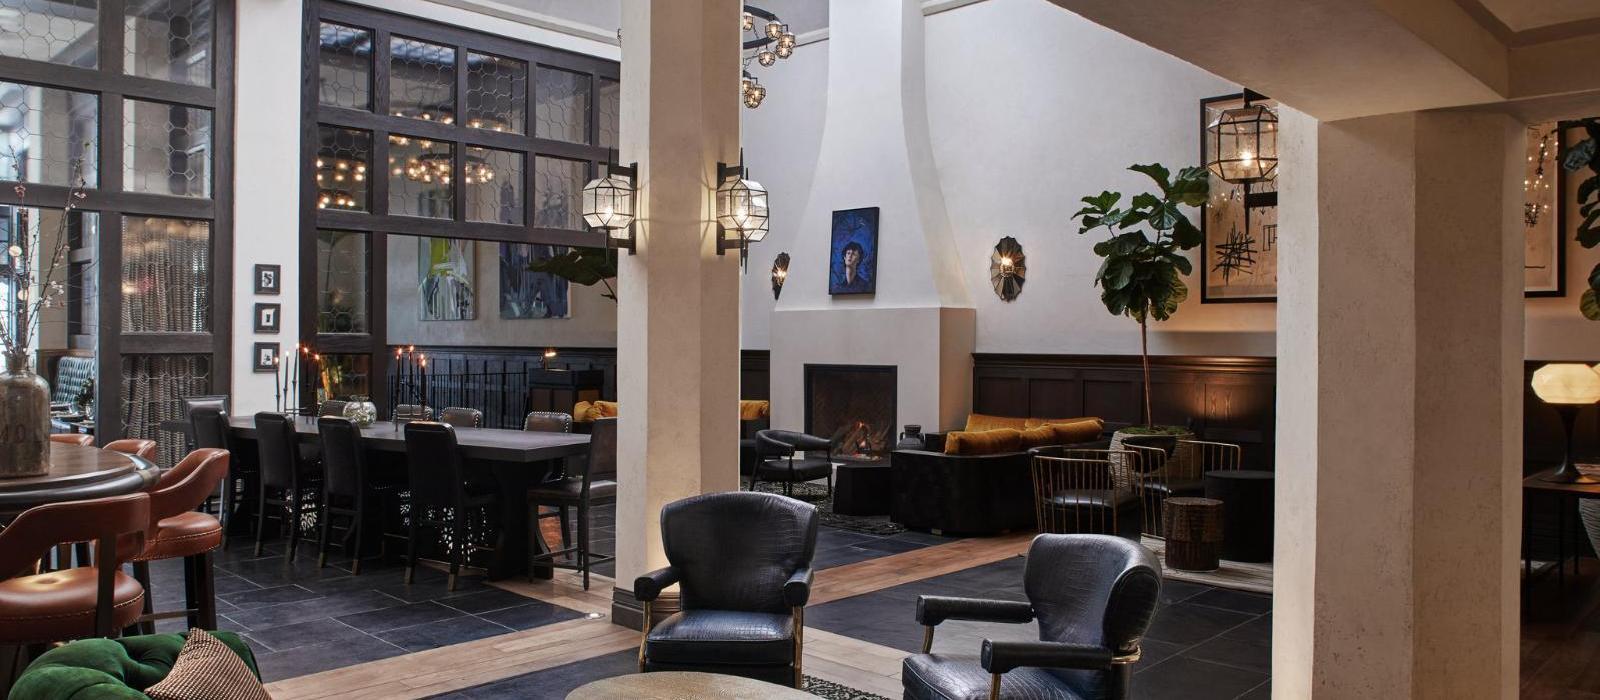 菲格罗亚酒店(Hotel Figueroa) 图片  www.lhw.cn